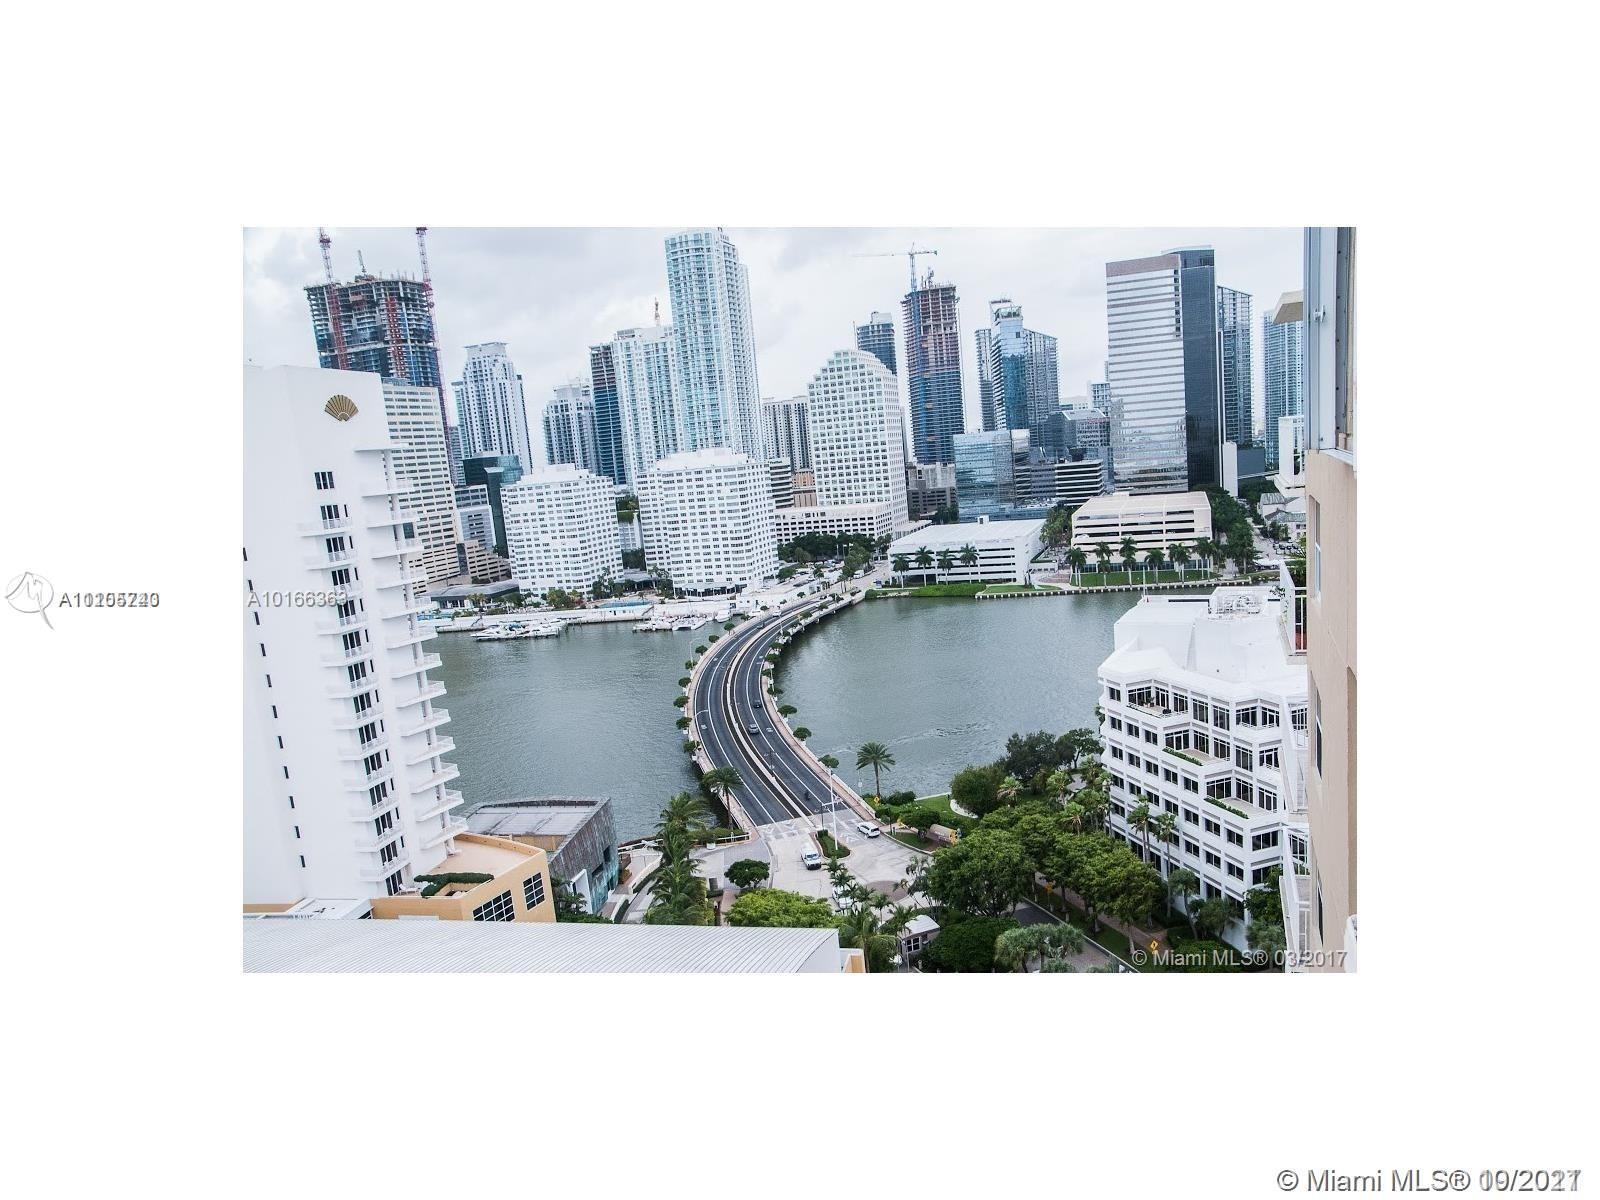 Isola #PH-20 - 770 Claughton Island Dr #PH-20, Miami, FL 33131